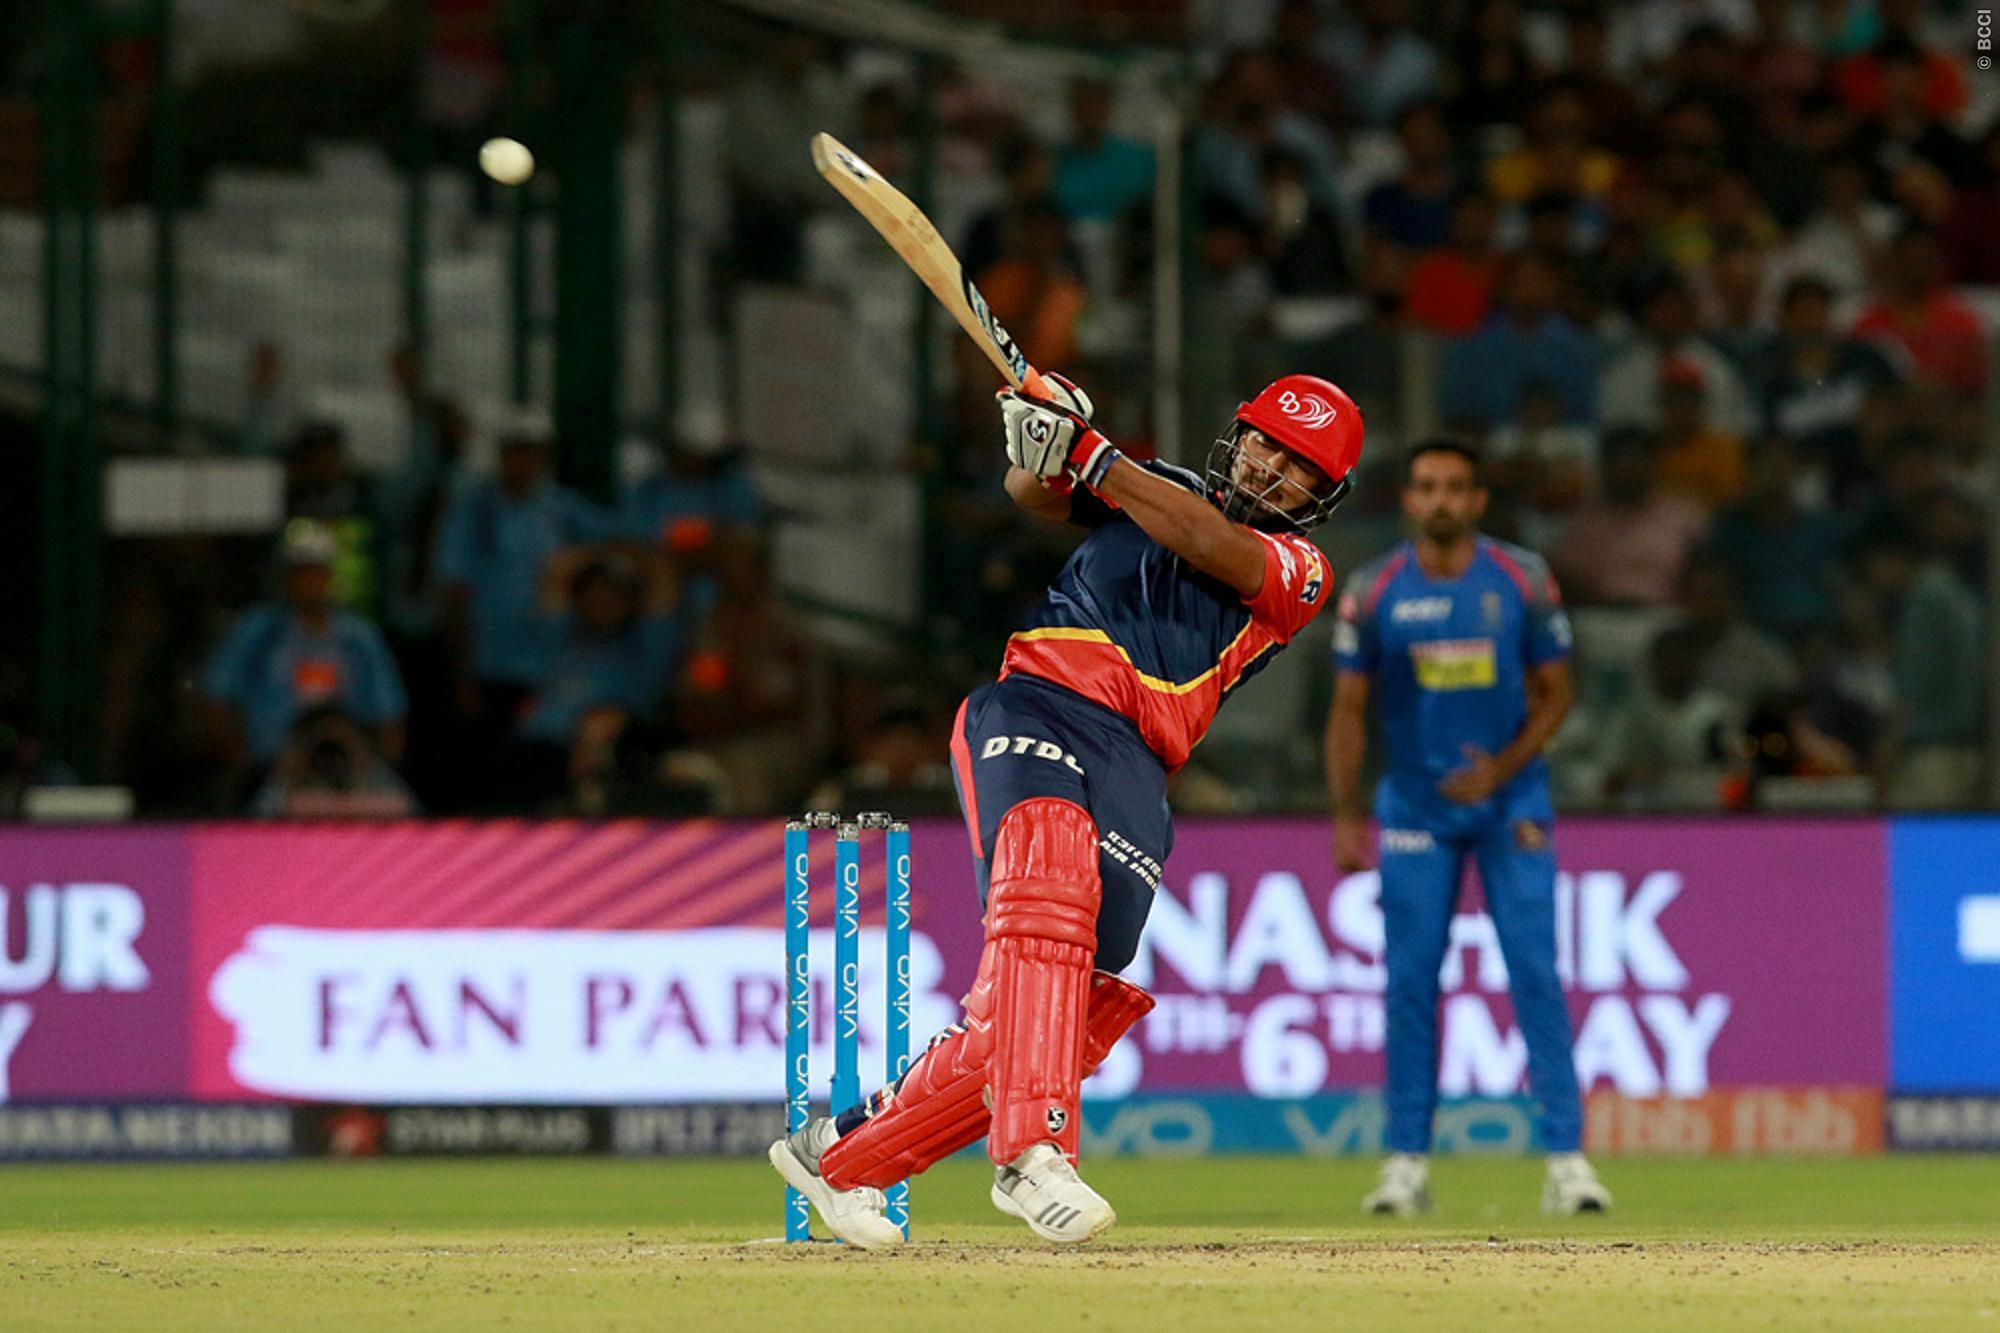 STATS: दिल्ली और राजस्थान के मैच में बने कुल 9 रिकॉर्ड, ऋषभ पंत ने तोड़ डाला रोहित शर्मा का वर्षों पुराना रिकॉर्ड 1